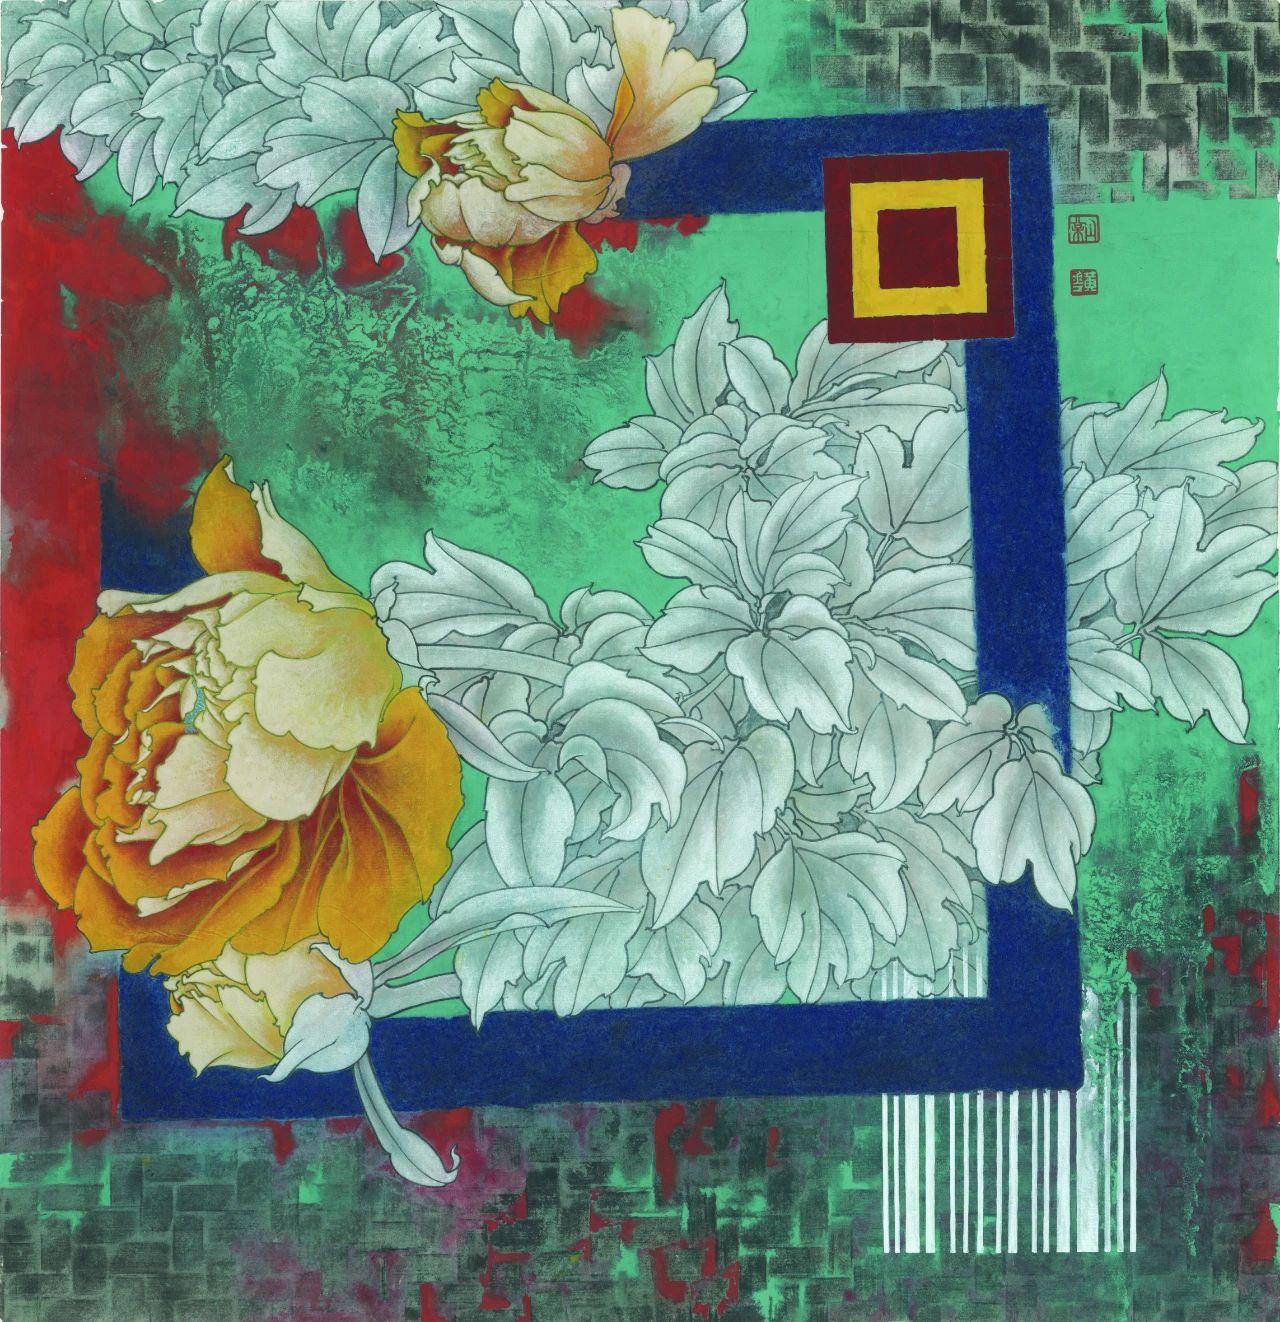 黄丹松:工笔重彩创作的艺术扫码与传统新变